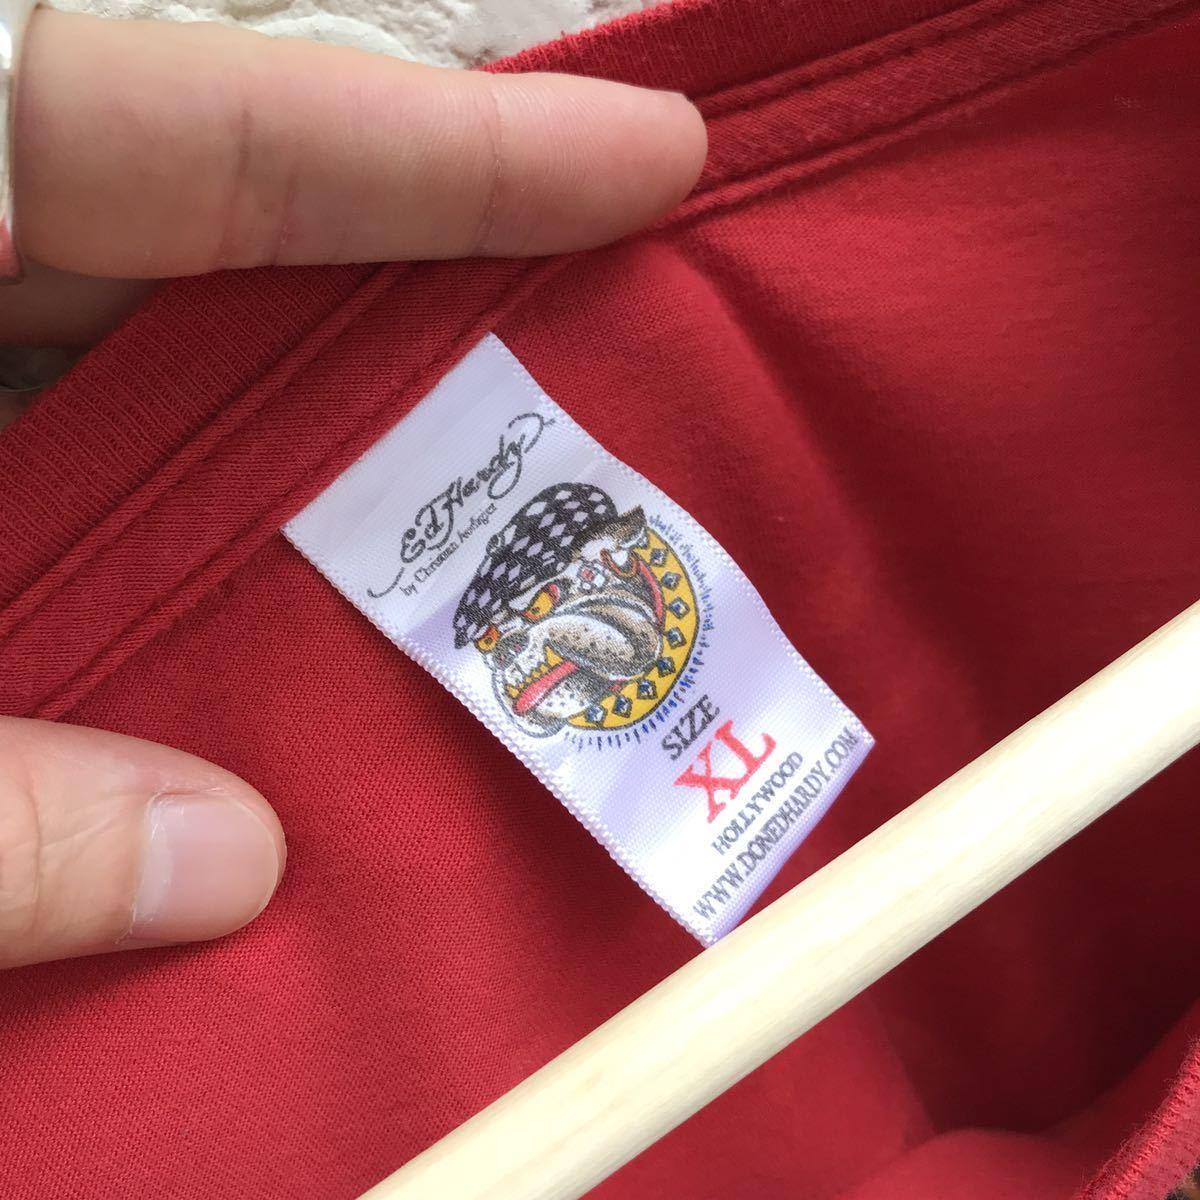 US古着 USA製 Ed Hardy プリントTシャツ アニマル柄 トラ柄 入れ墨 タトゥー タトゥー柄 半袖Tシャツ エドハーディー アメリカ製 XLサイズ_画像8